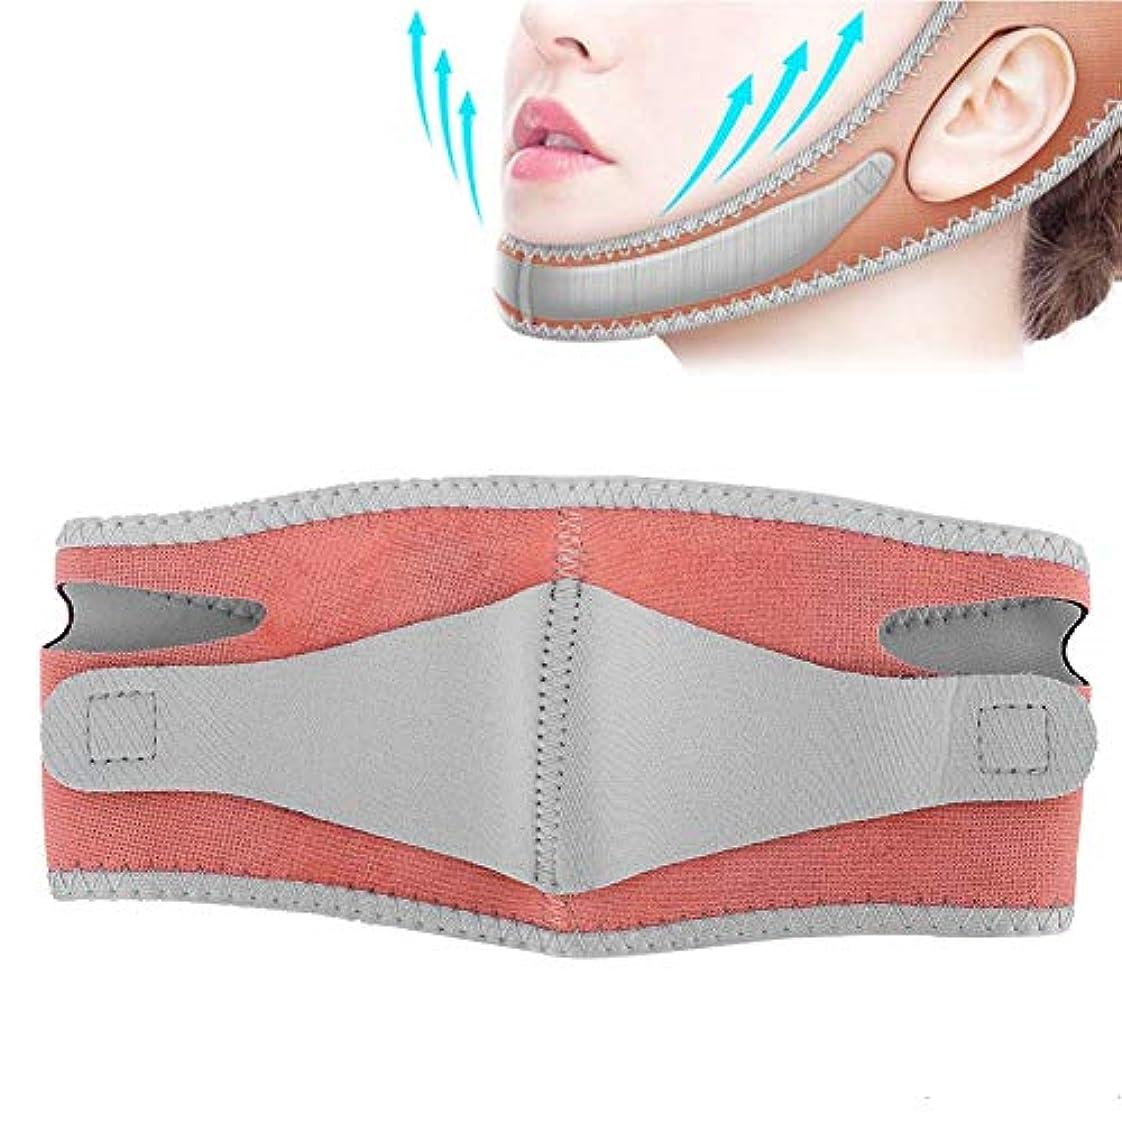 会計ベギン臭い薄い顔包帯顔、Vフェイスラインスリムダブルチンチークスリムリフトアップ引き締まった肌防止マスクあなたが顔の肌を引き締めるのに役立ちます